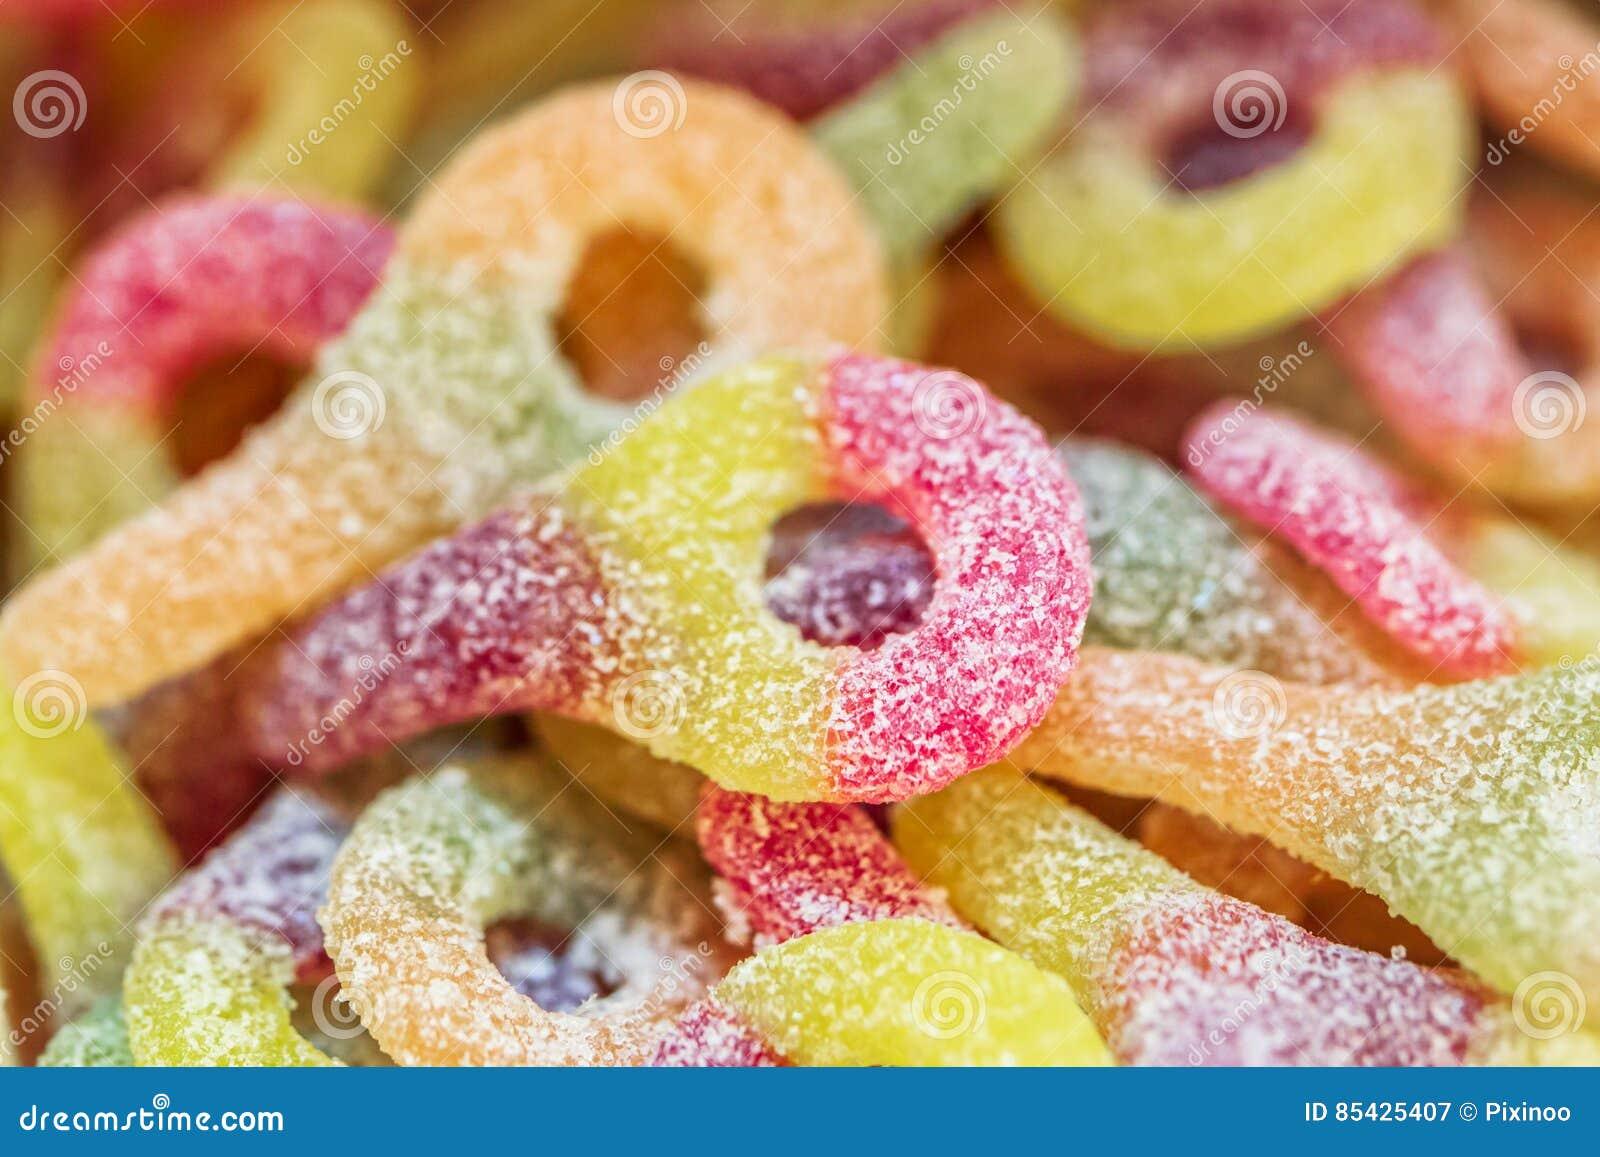 Variedade de doces coloridos